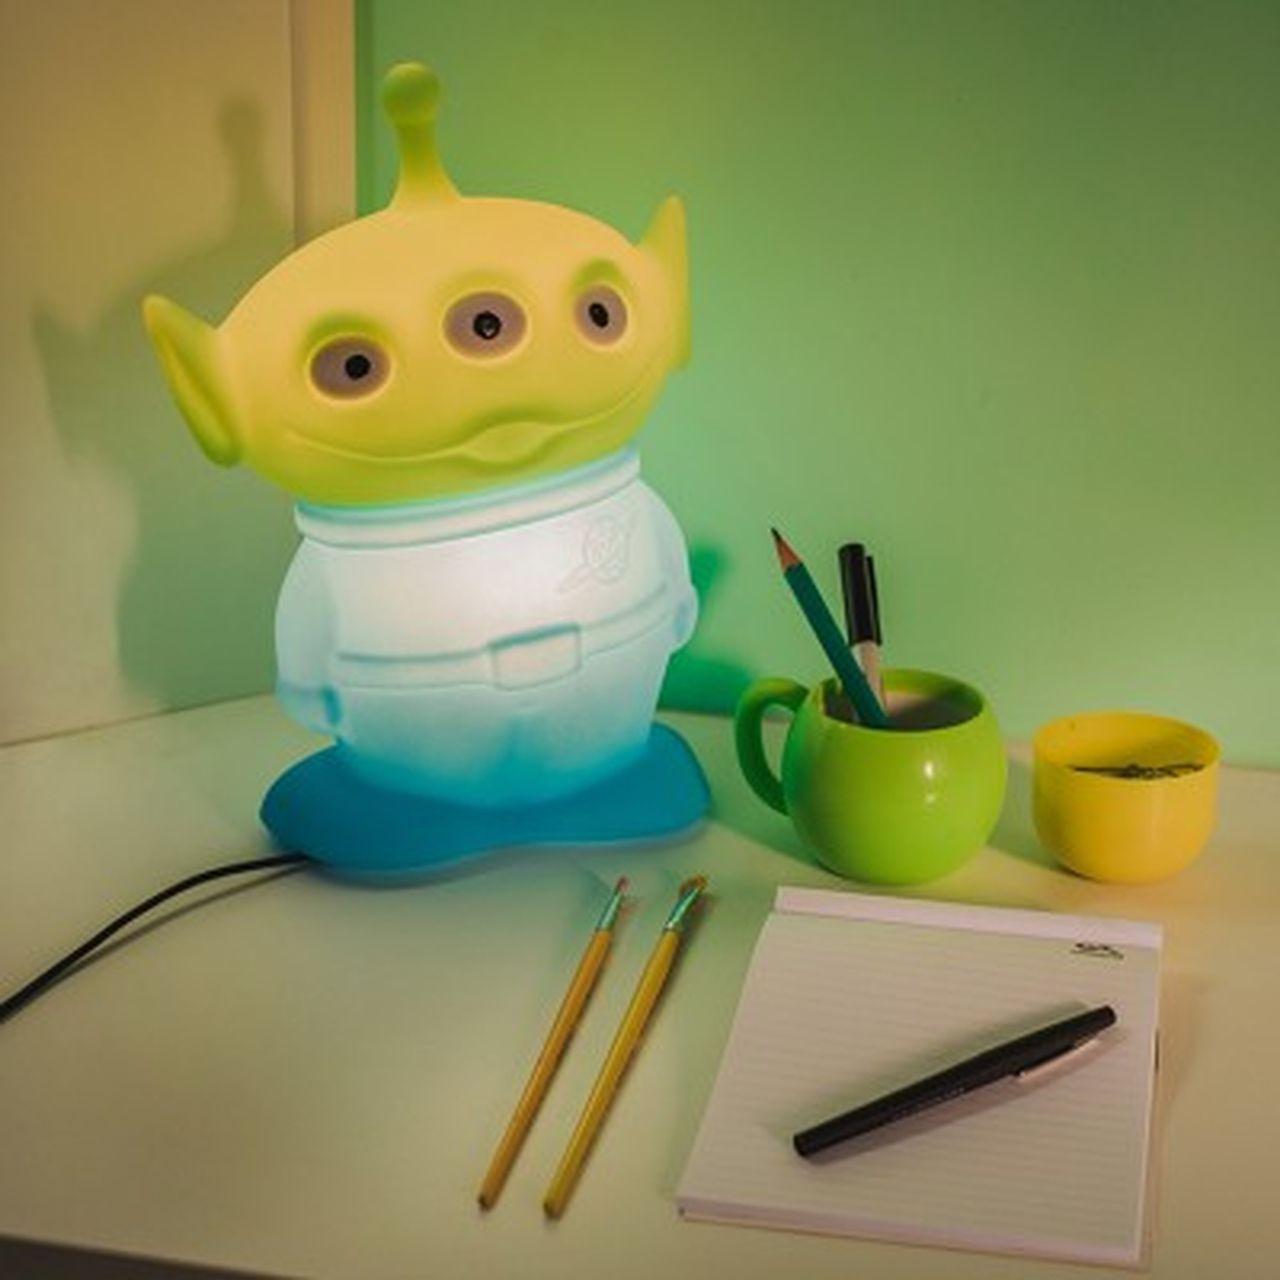 Luminária Alien: Toy Story (Disney)